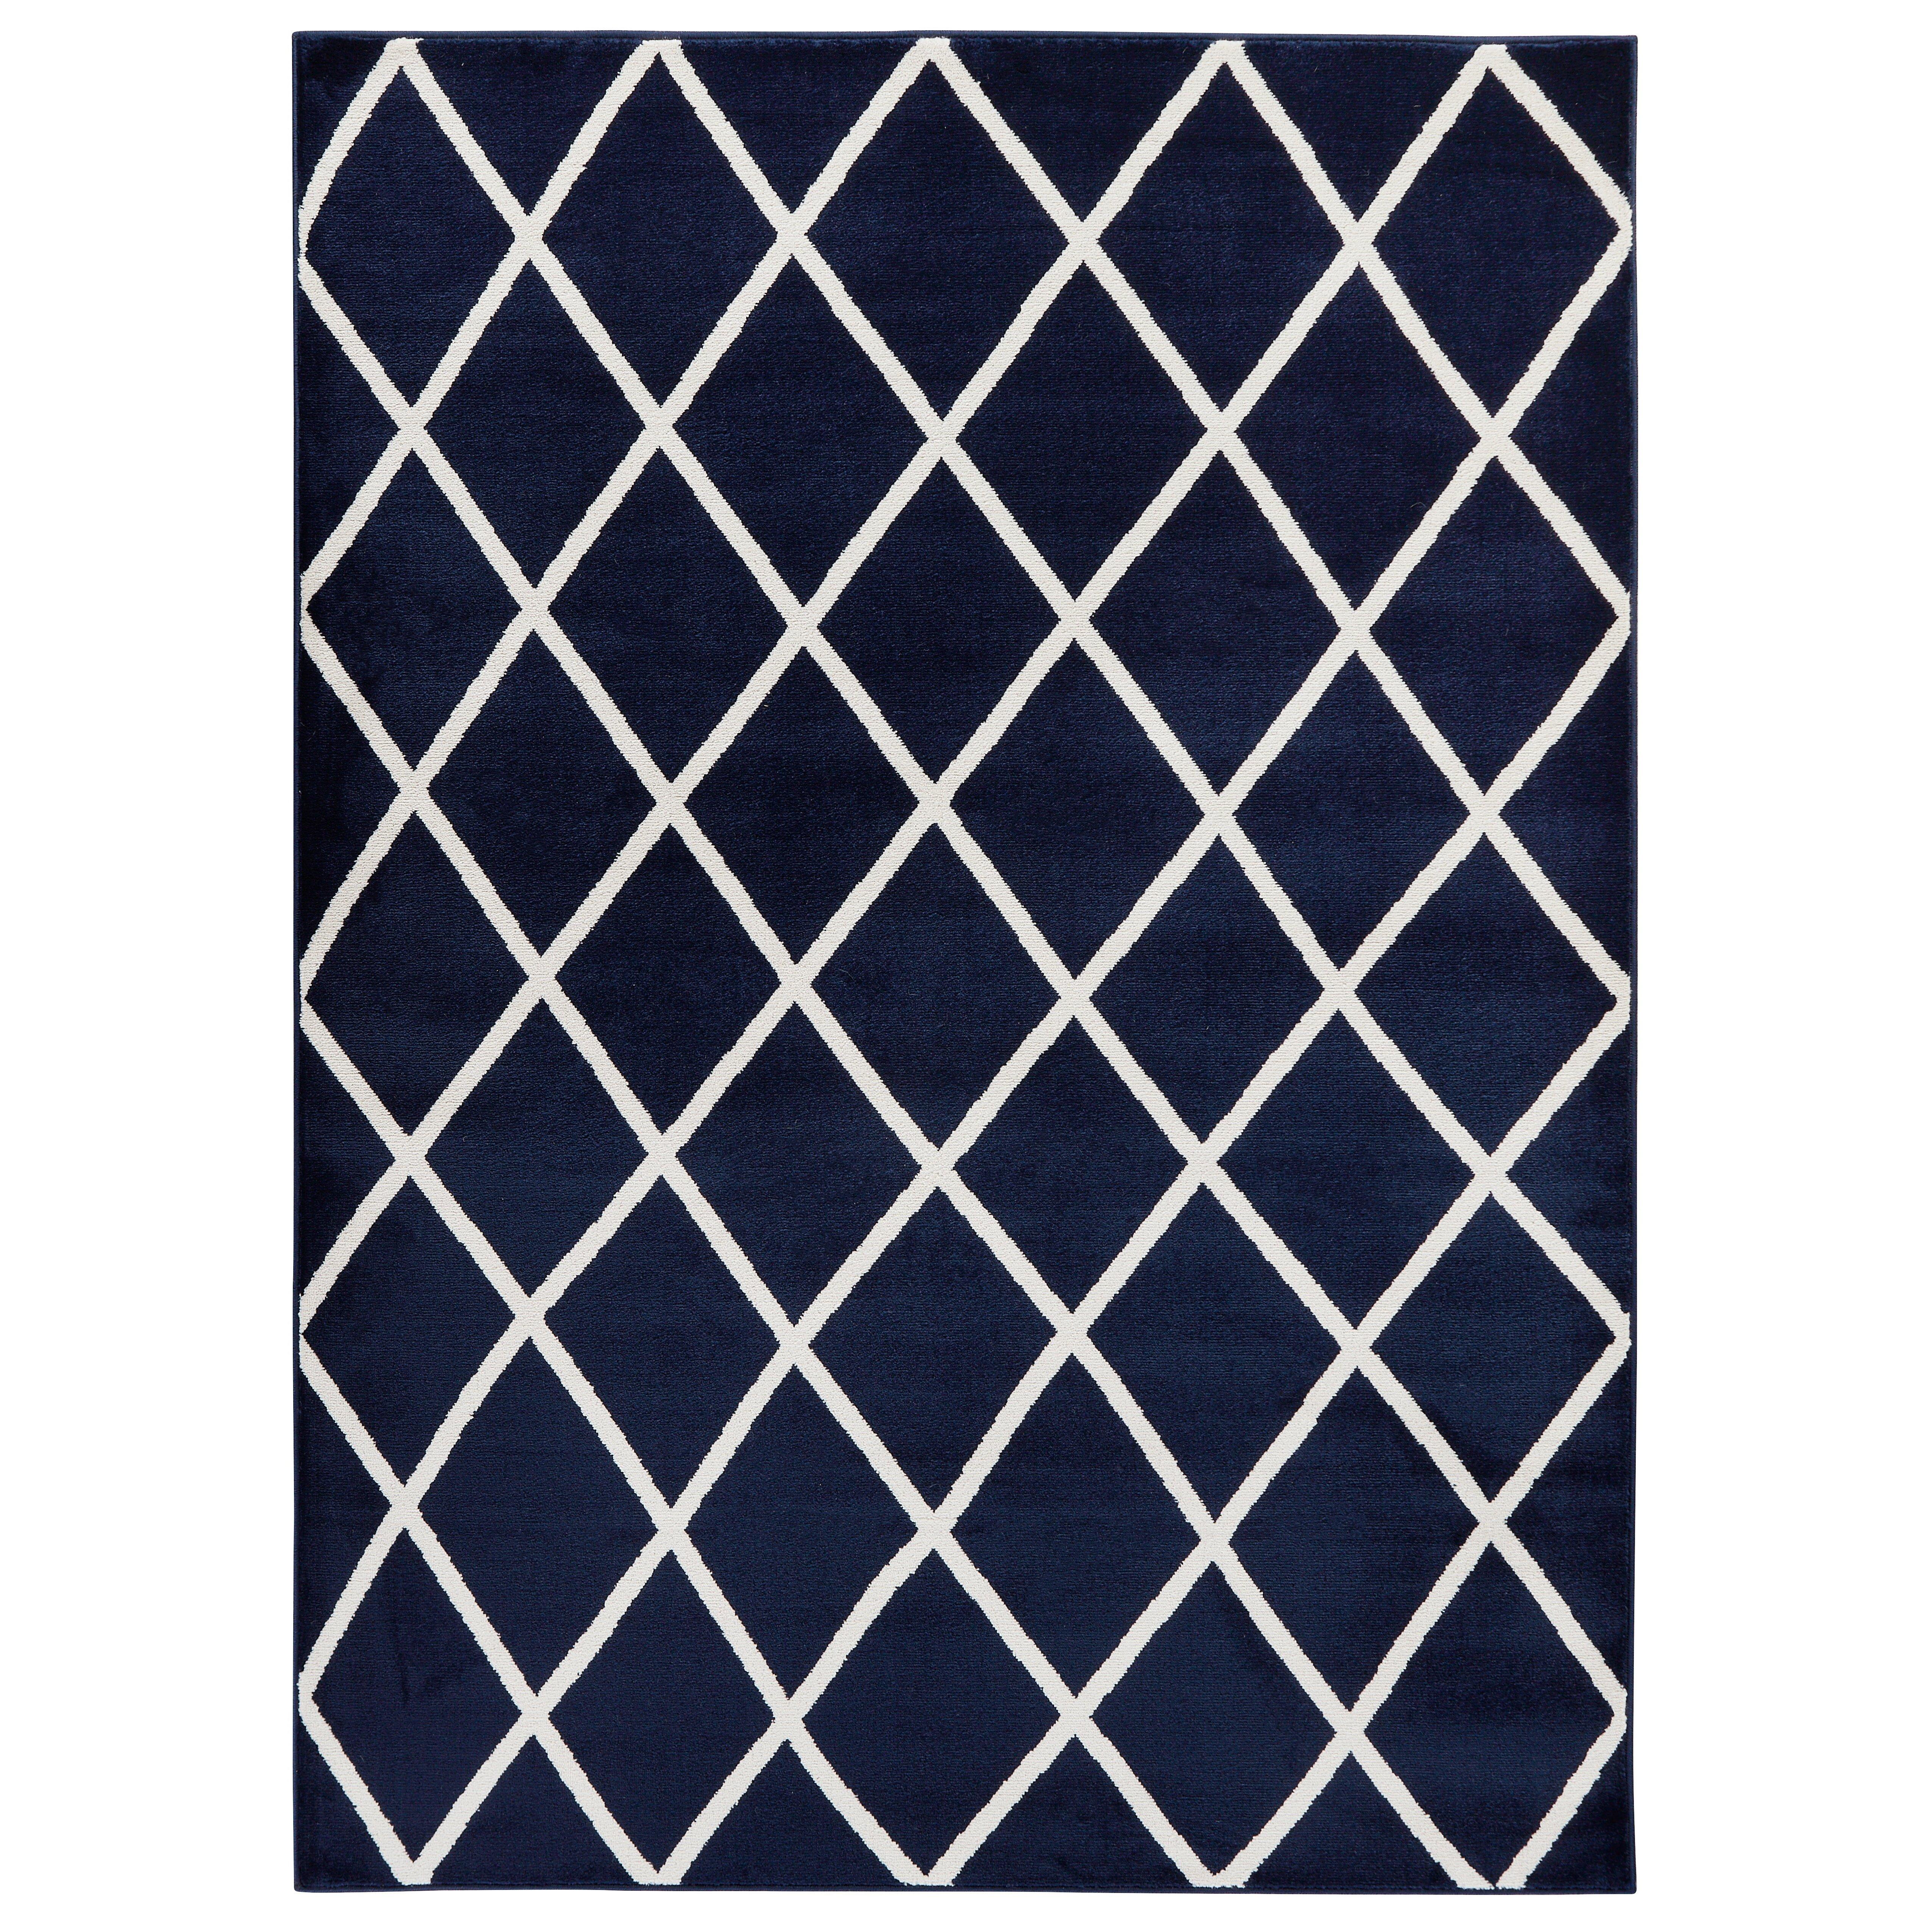 Diagona Designs Jasmin Moroccan Trellis Navy/Ivory Area